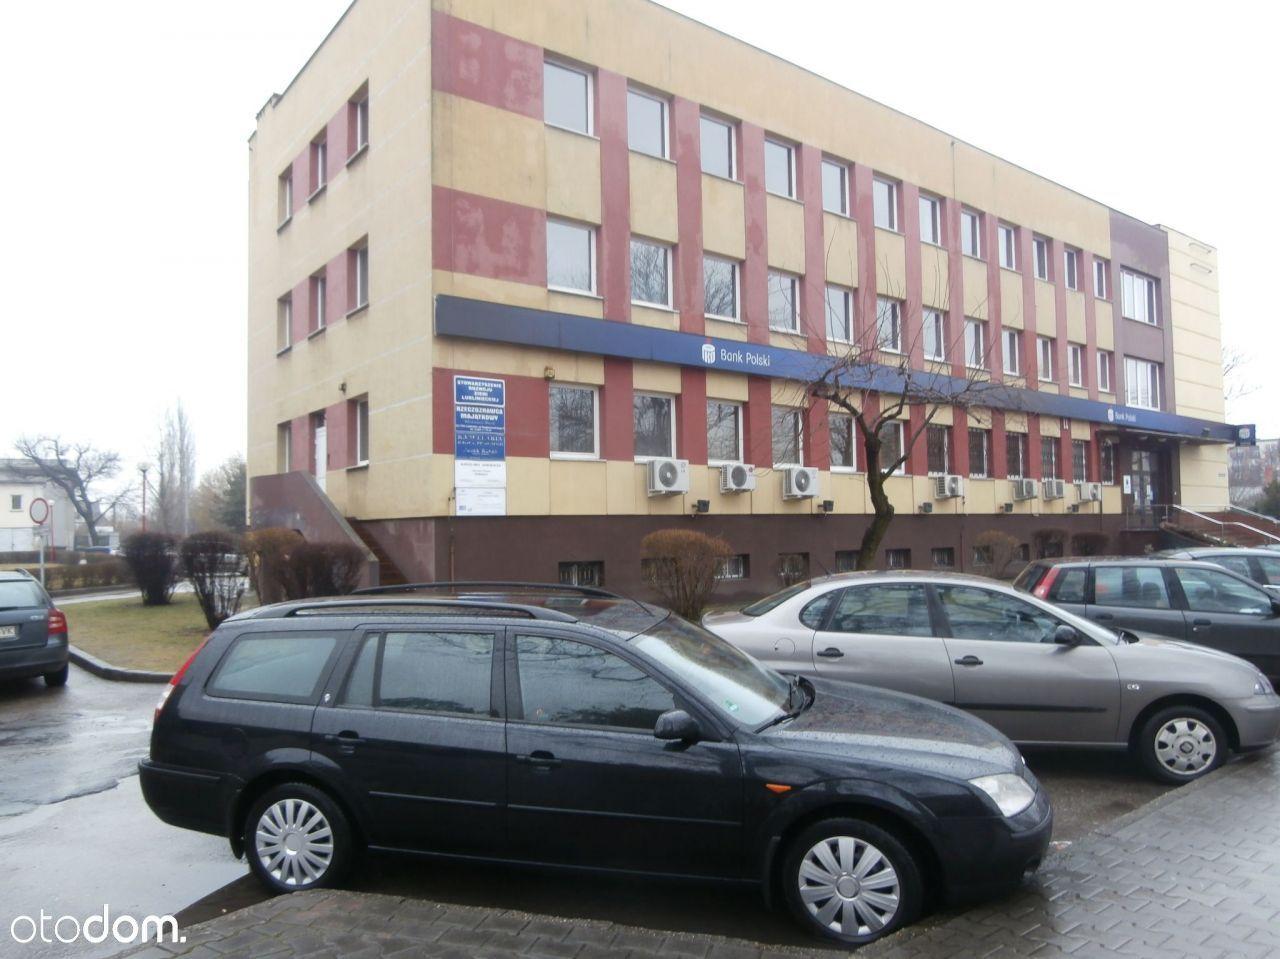 Lokal użytkowy na sprzedaż, Lubliniec, lubliniecki, śląskie - Foto 2